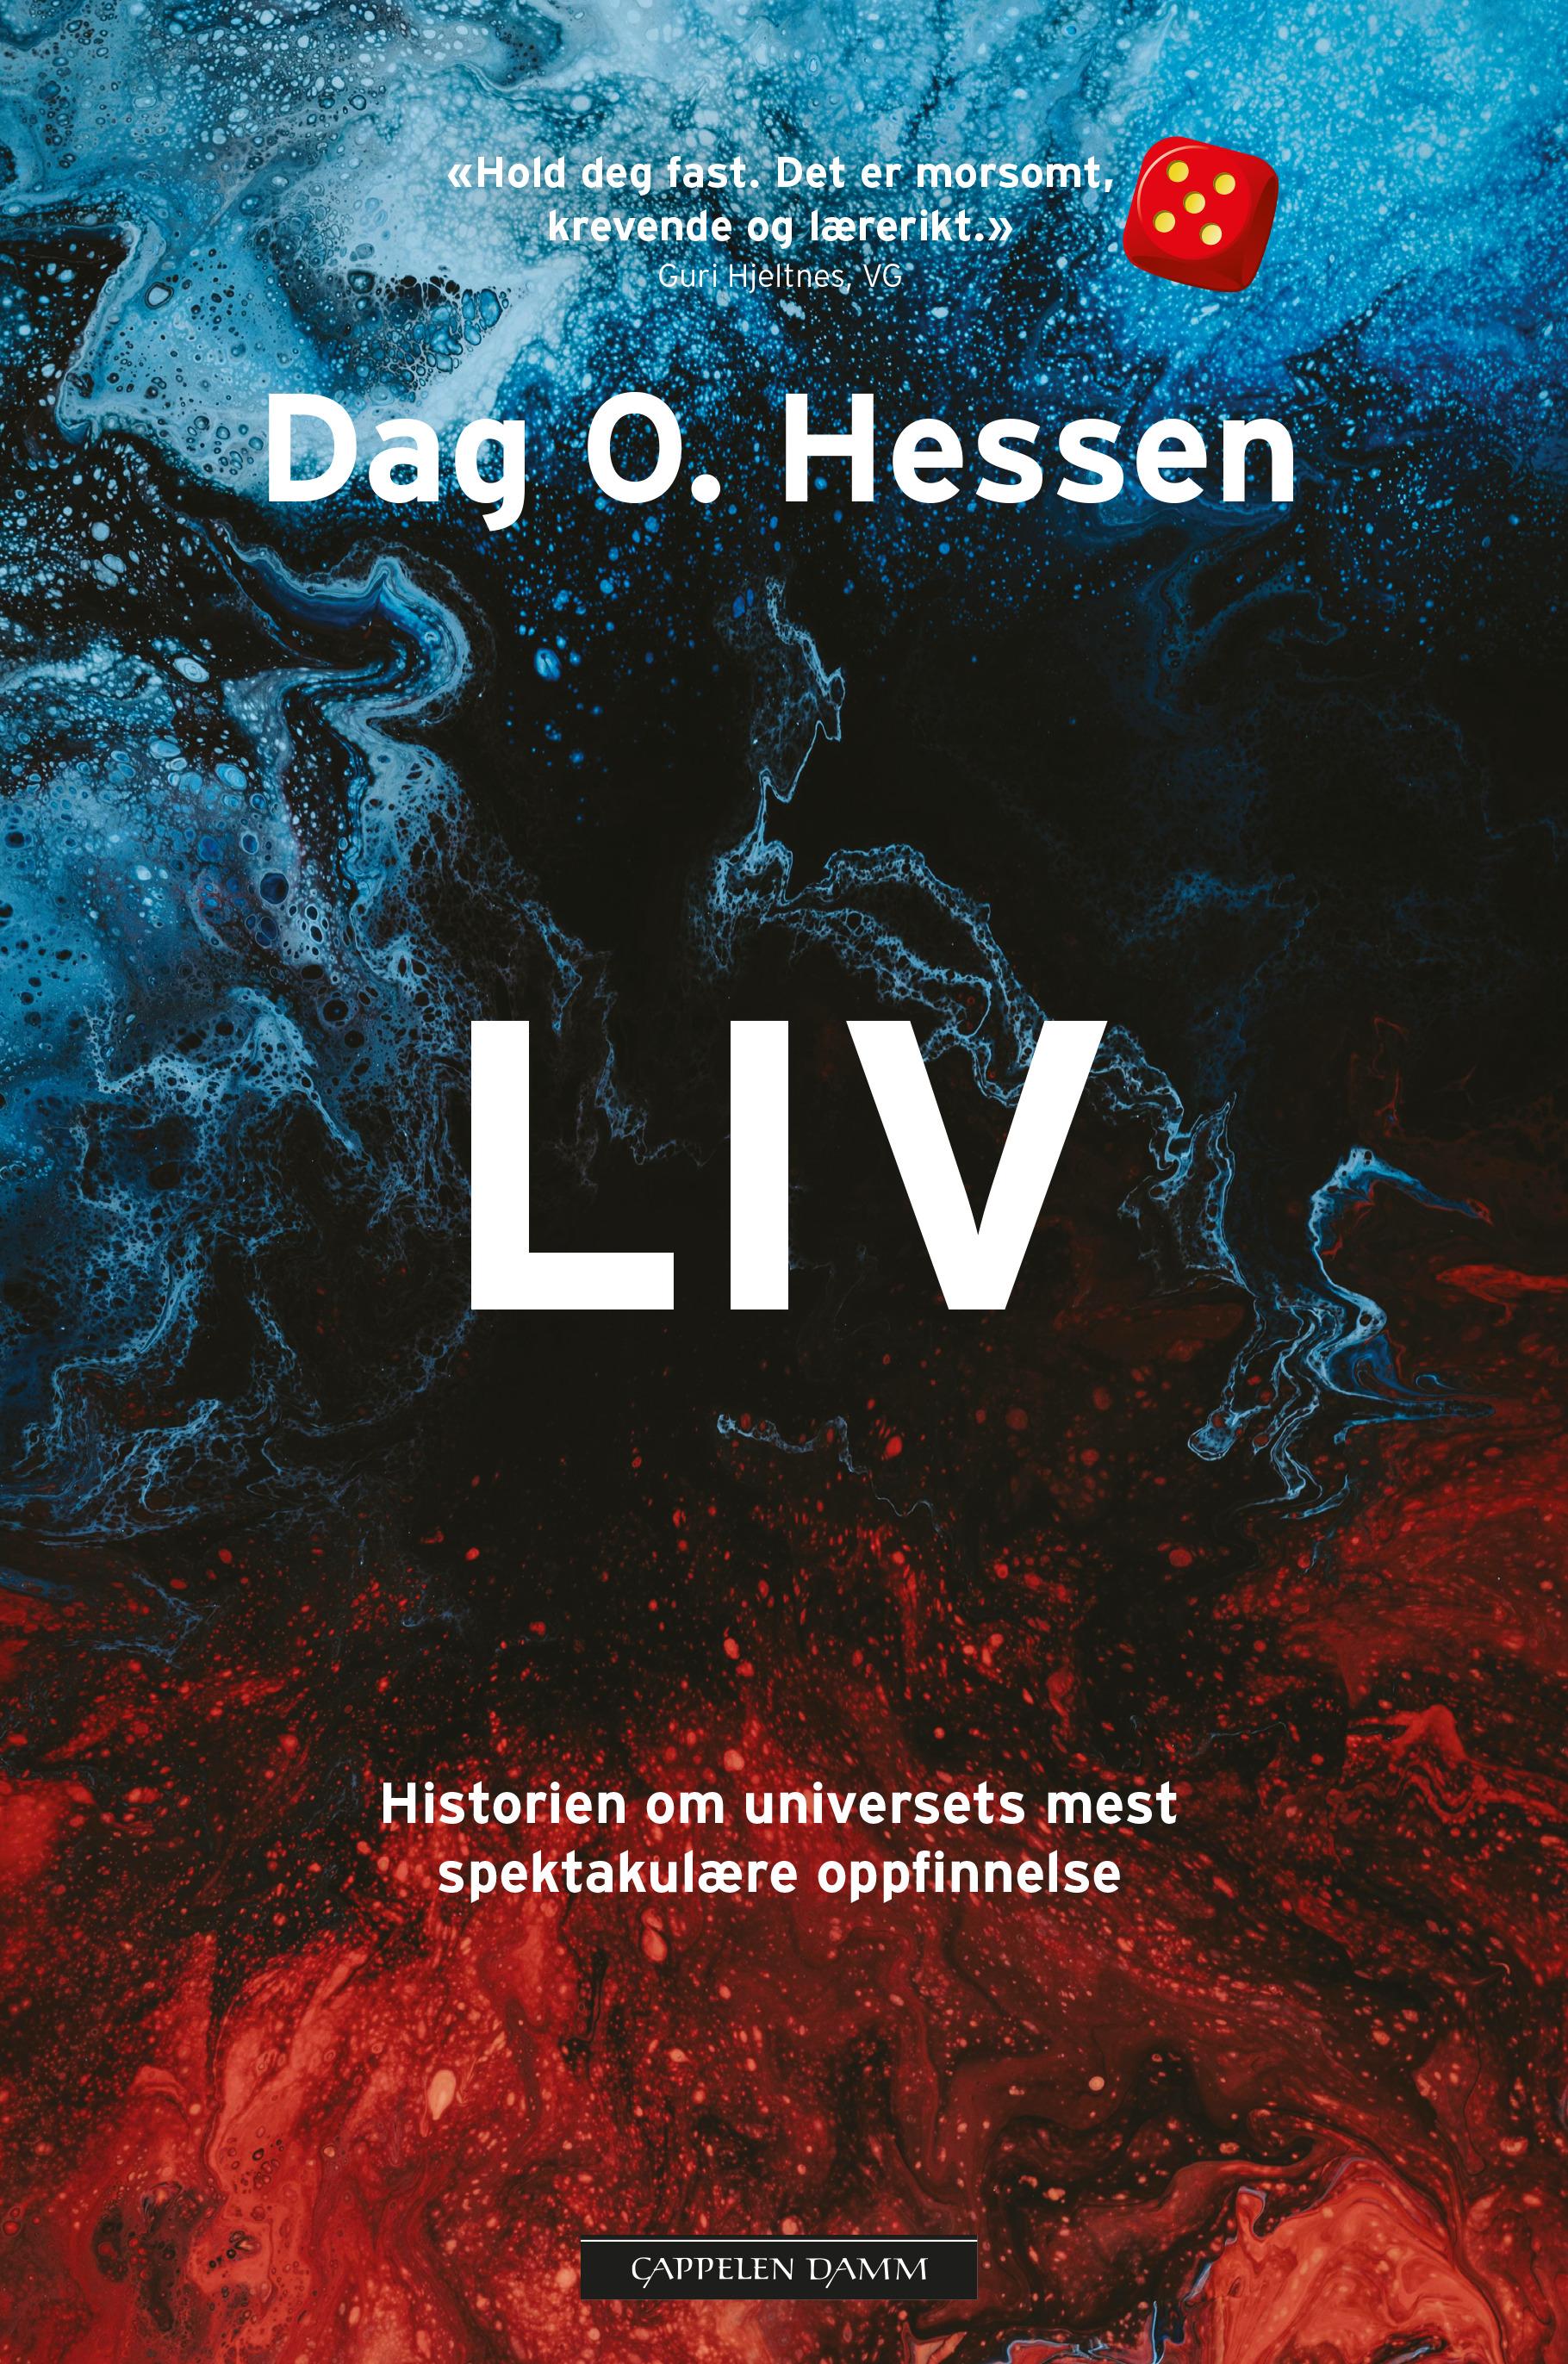 """""""Liv - historien om universets mest spektakulære oppfinnelse"""" av Dag O. Hessen"""